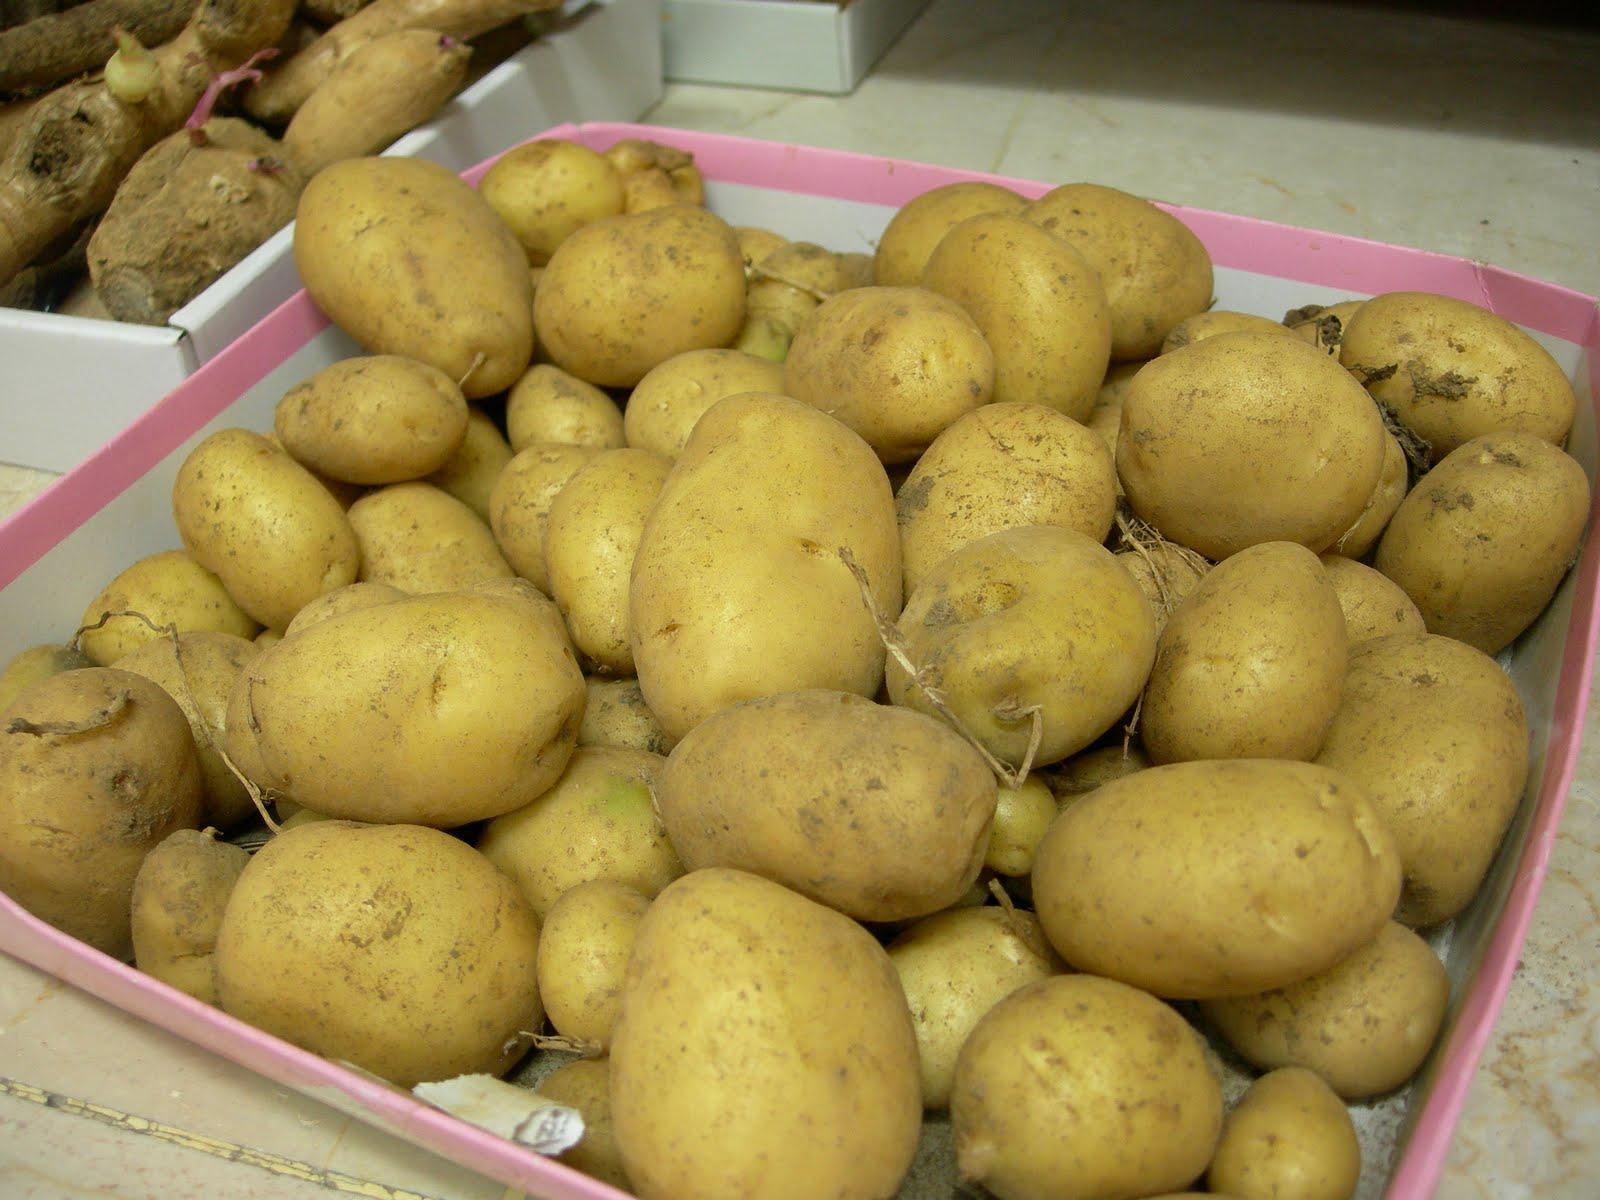 馬鈴薯 | [組圖+影片] 的最新詳盡資料** (必看!!) - www ...